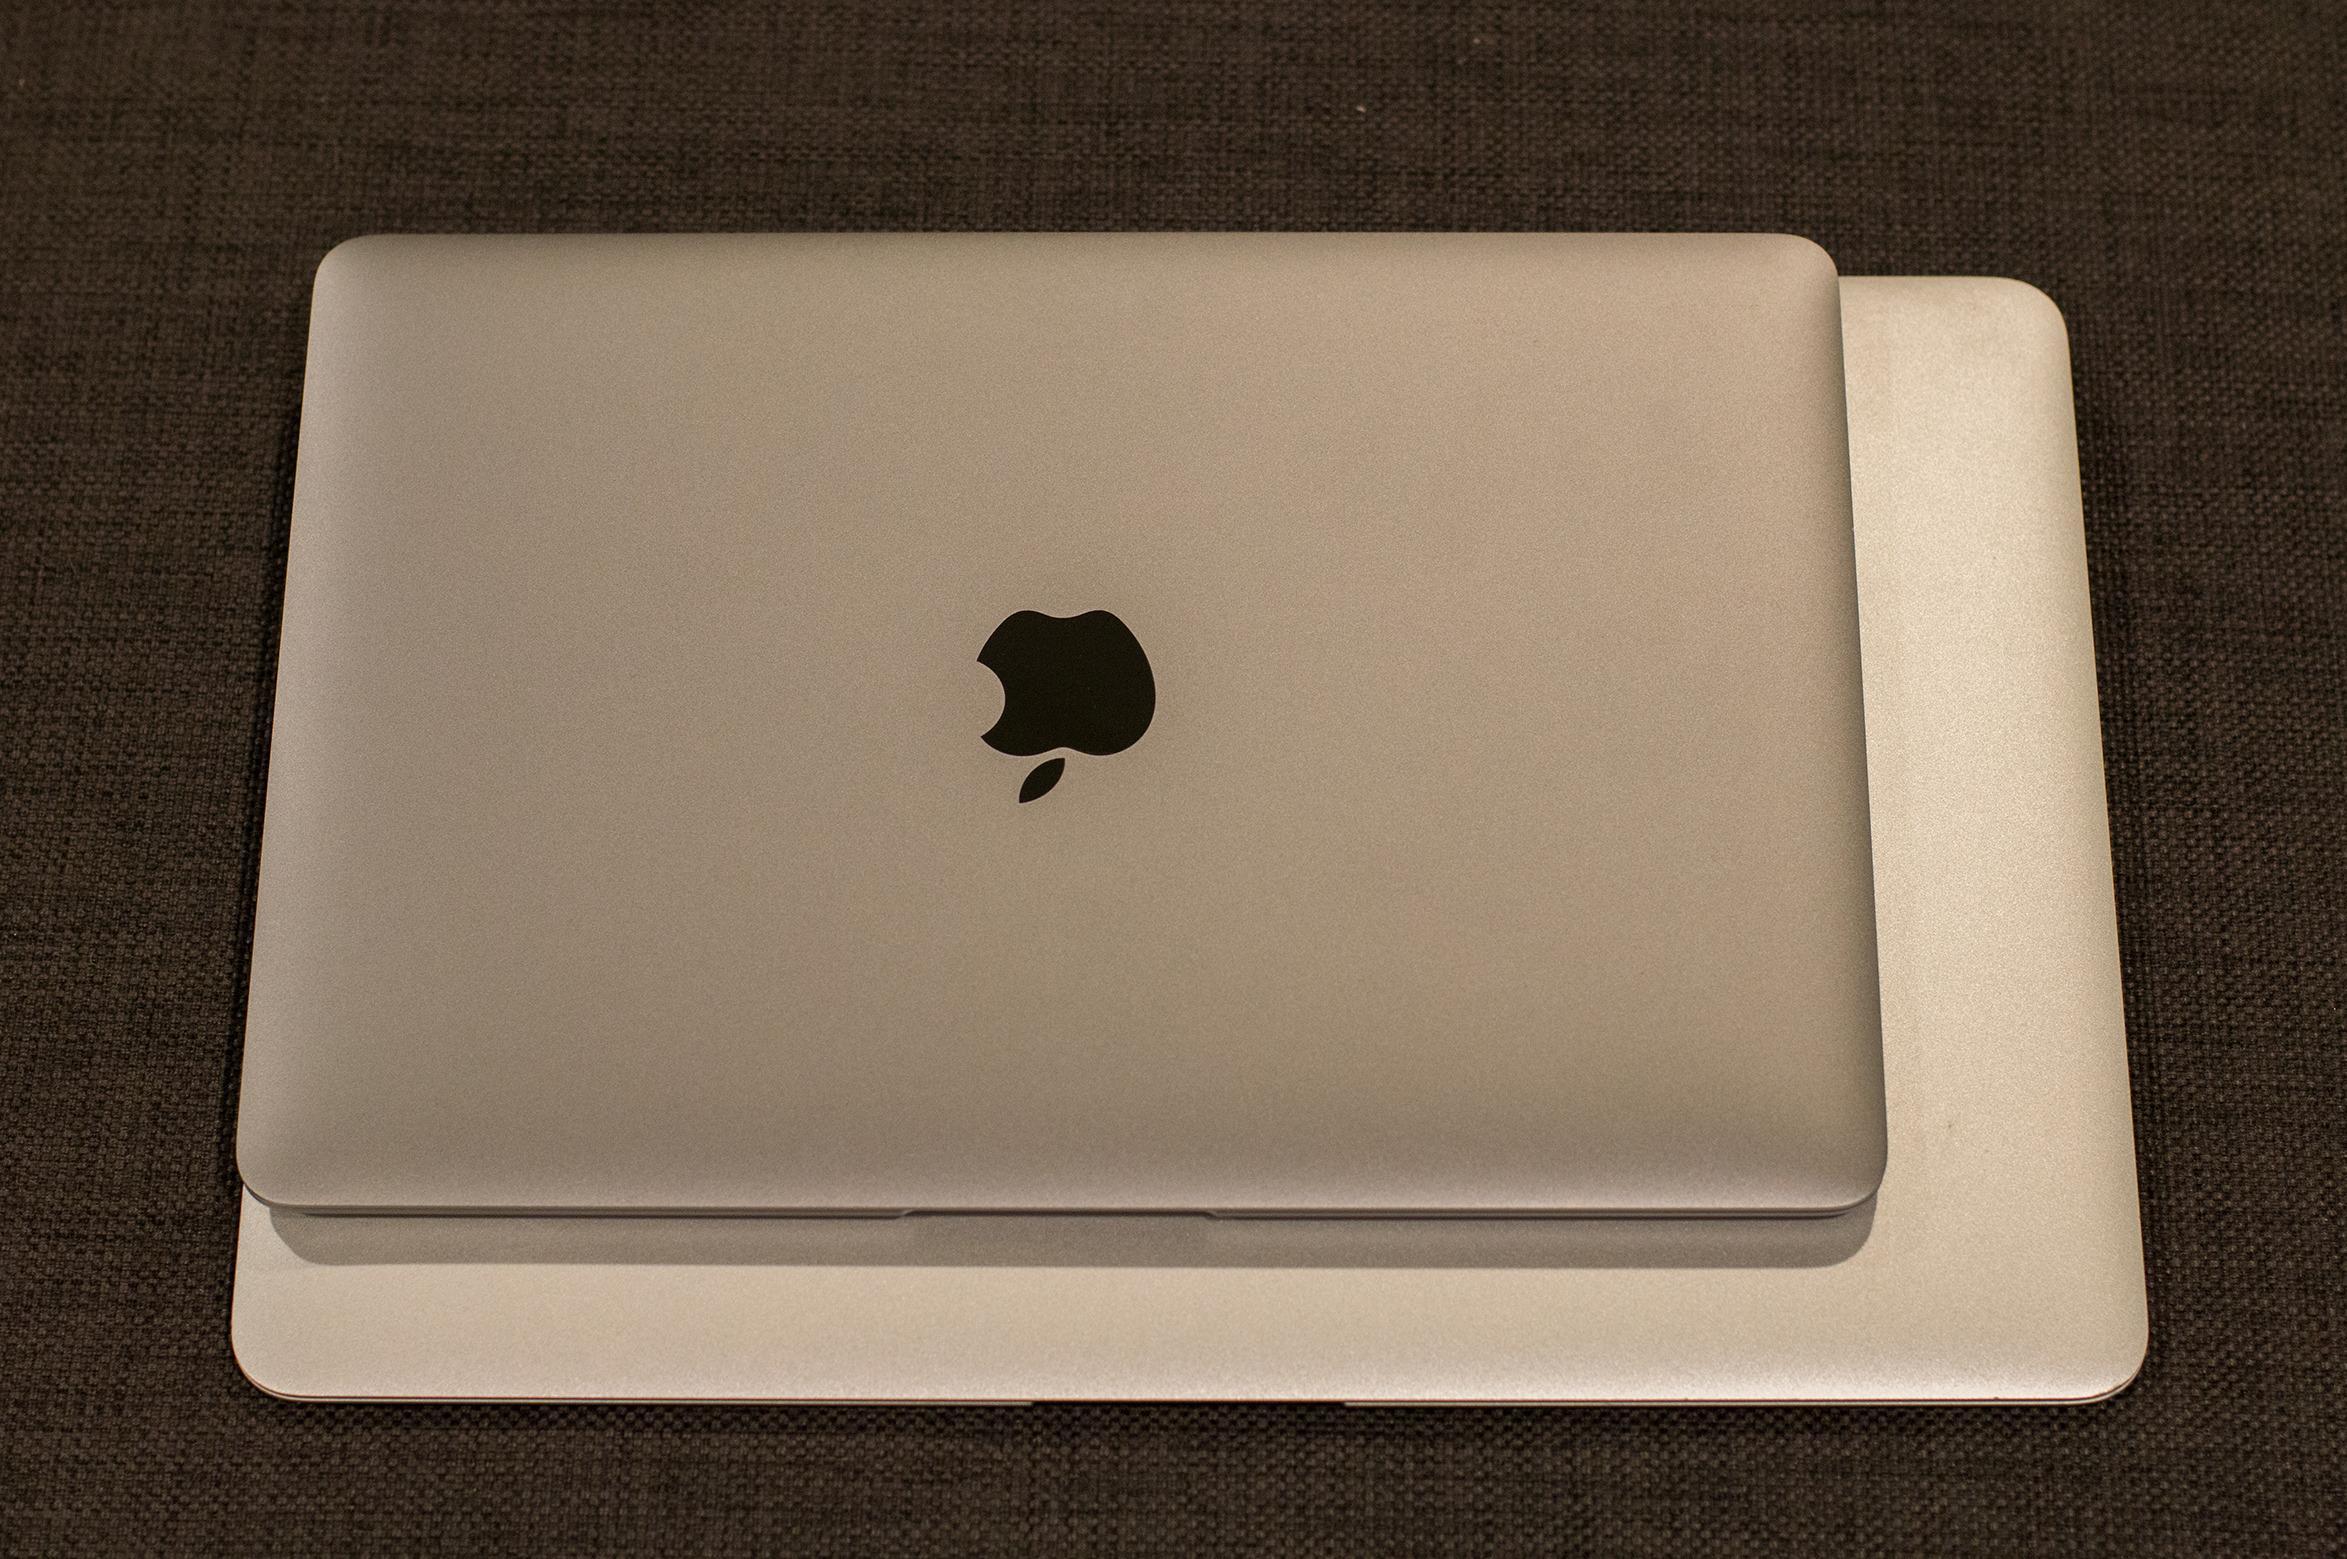 MacBook er mye mindre enn en MacBook Pro. Her er Stellargrå-varianten avbildet. Foto: Anders Brattensborg Smedsrud, Tek.no